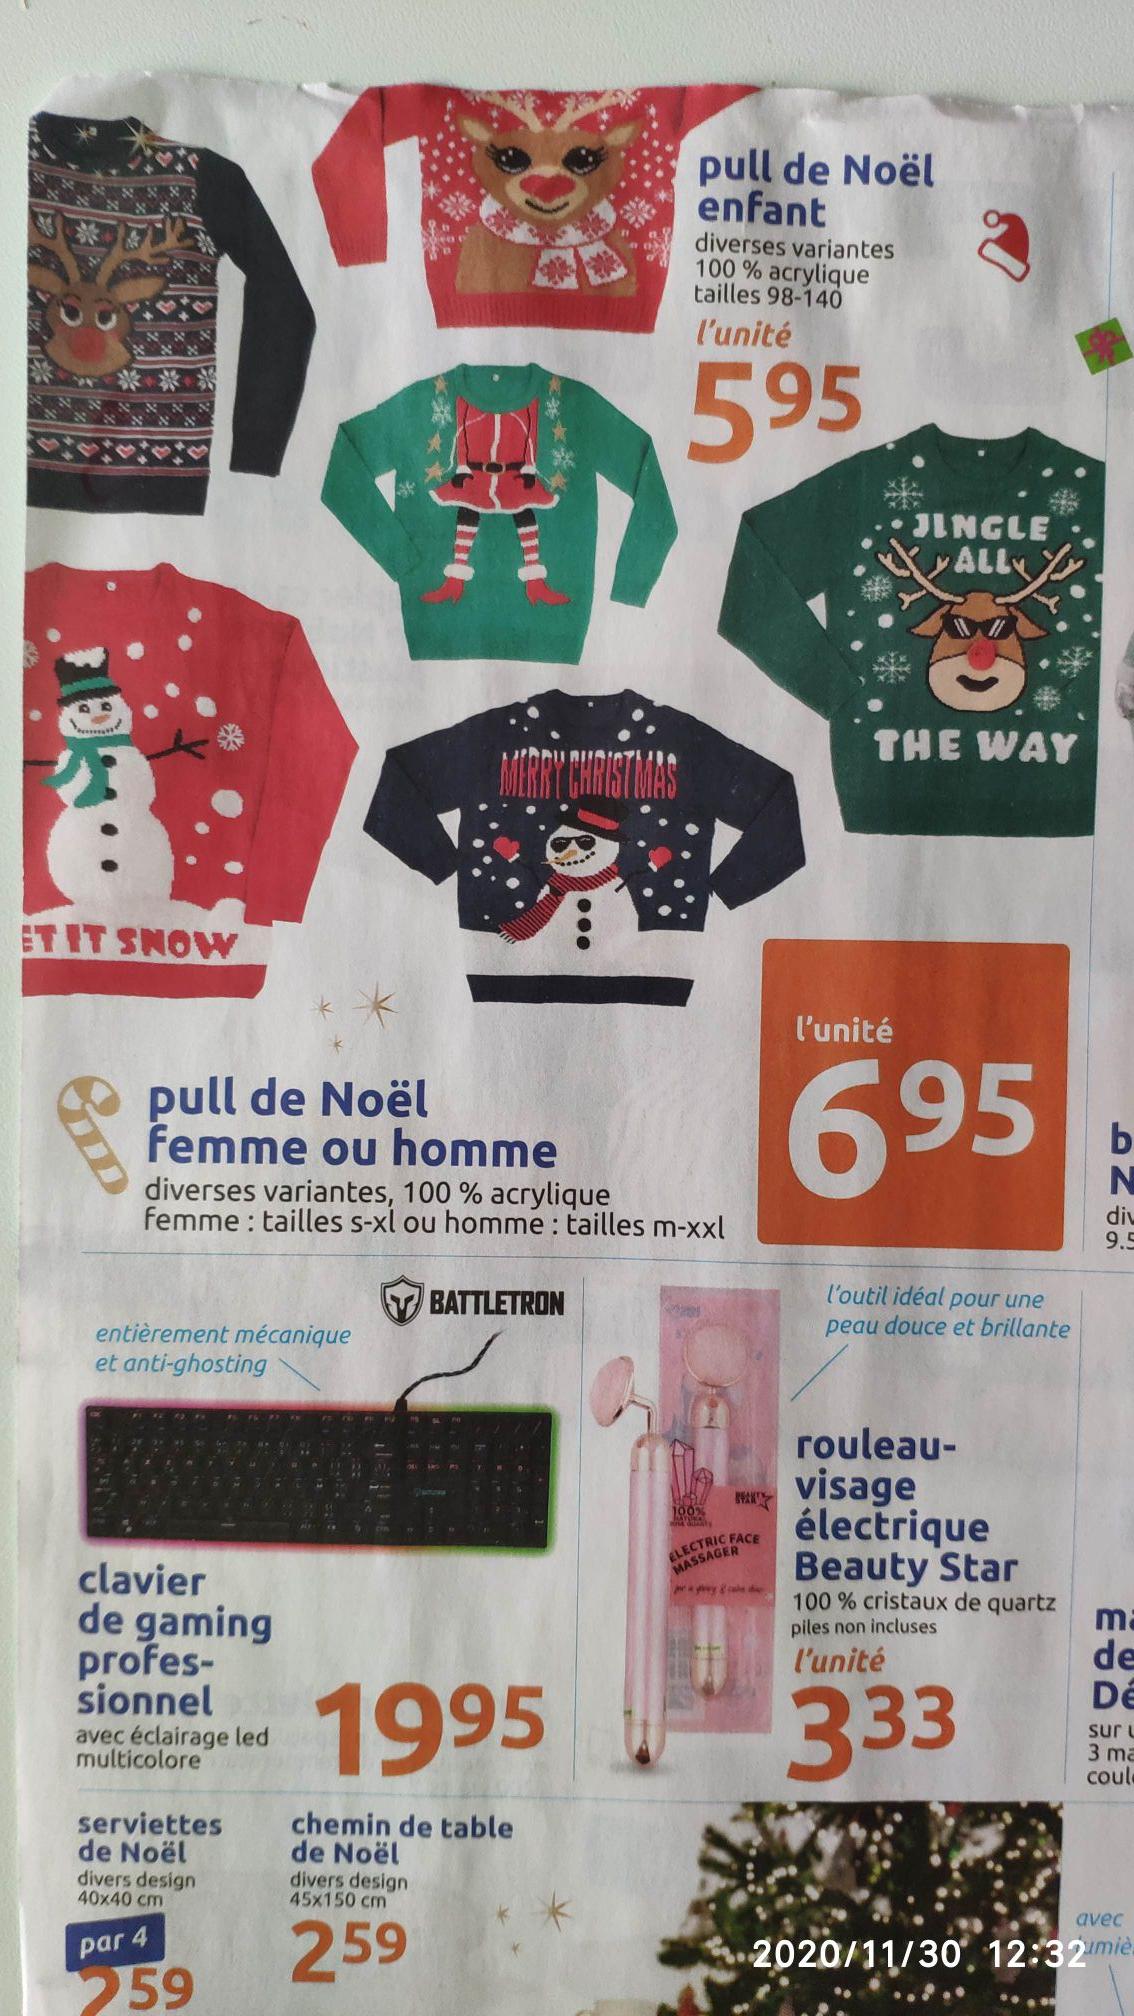 Pull de Noël enfants à 5€95 et adultes à 6€95